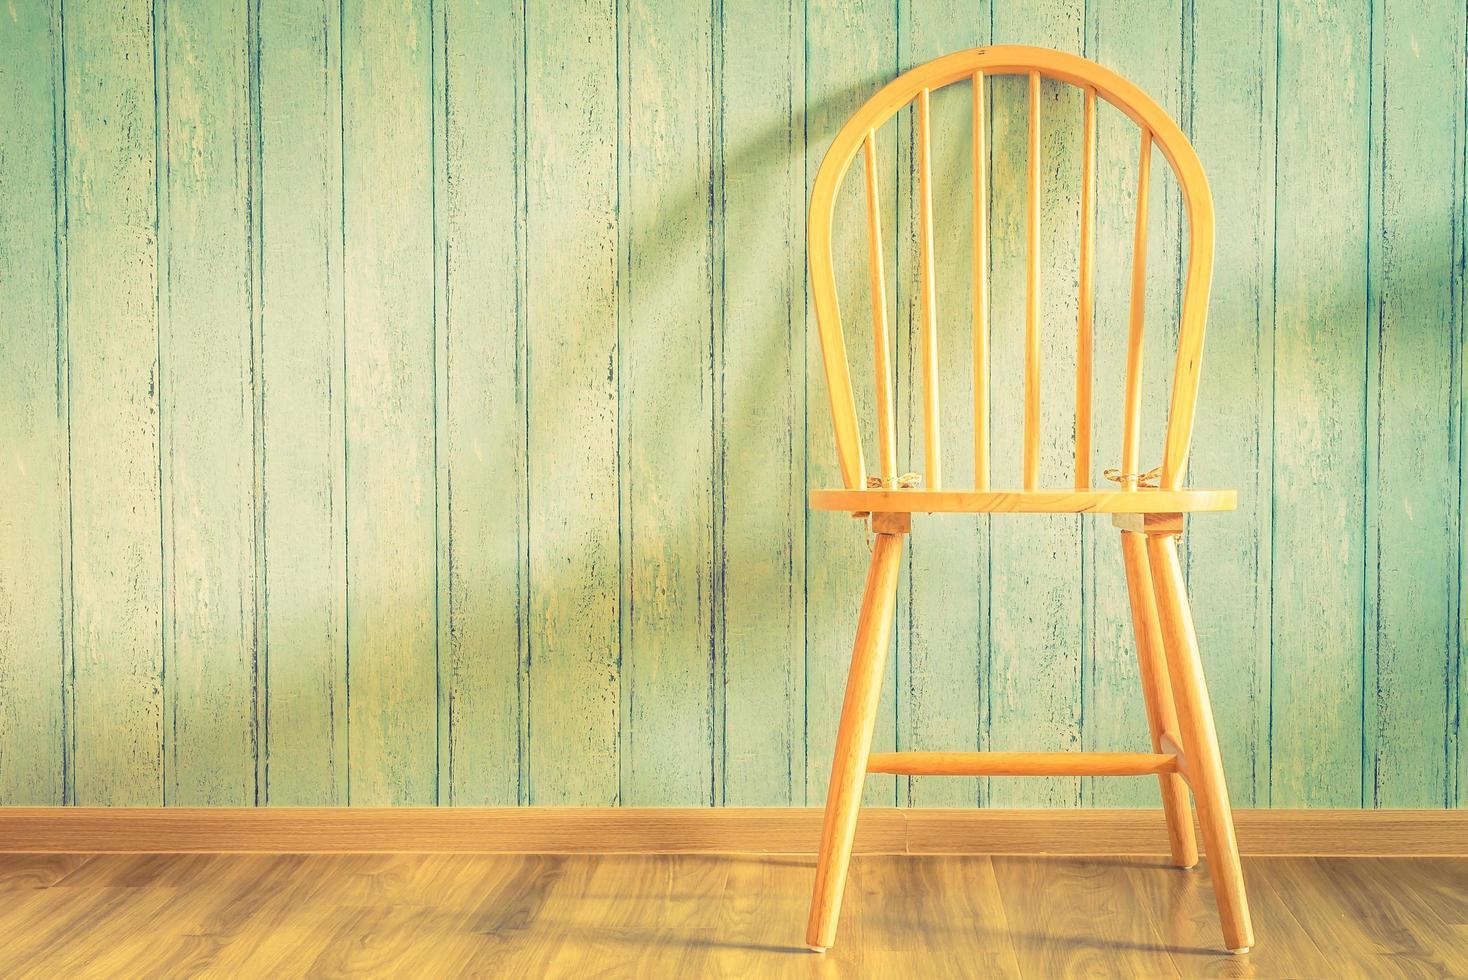 vintage trä stol på trä bakgrund foto